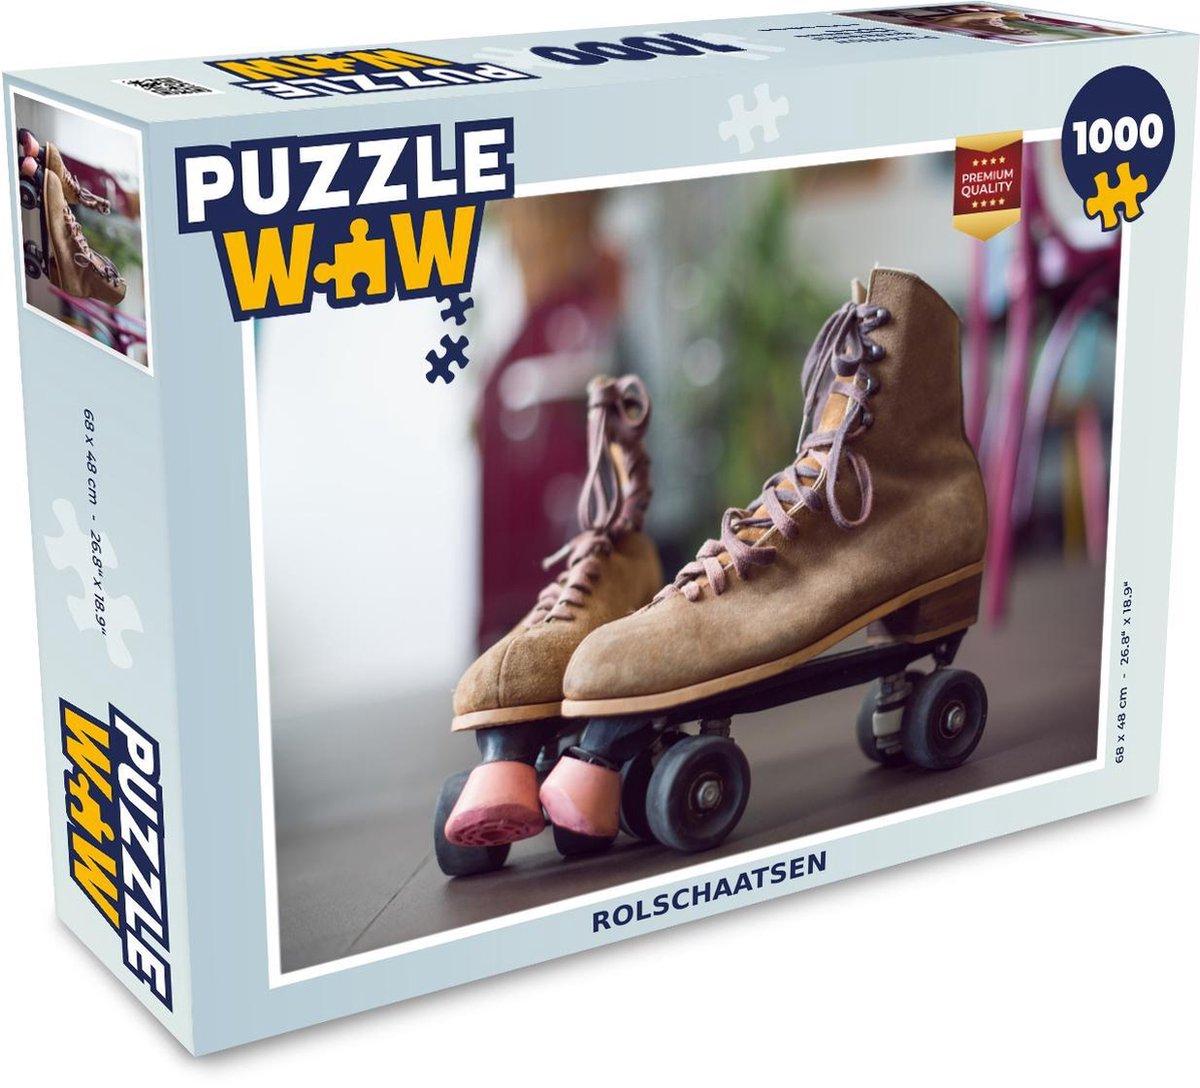 Puzzel 1000 stukjes volwassenen Jaren 70 1000 stukjes - Rolschaatsen - PuzzleWow heeft +100000 puzzels